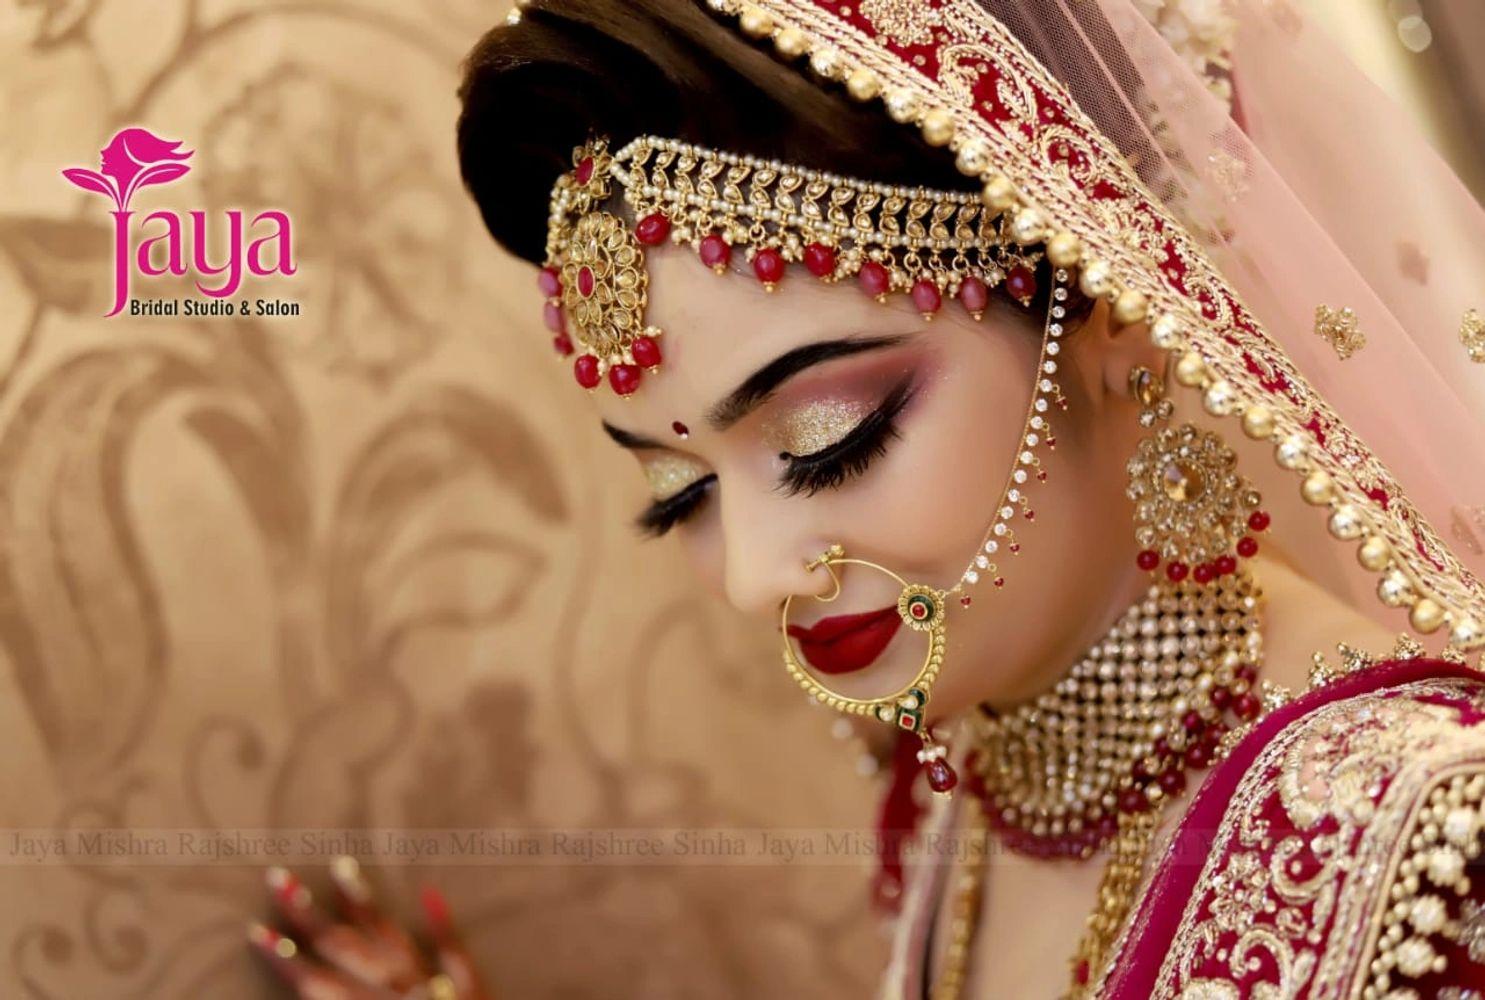 best bridal makeup - jaya premium bridal makup studio & spa